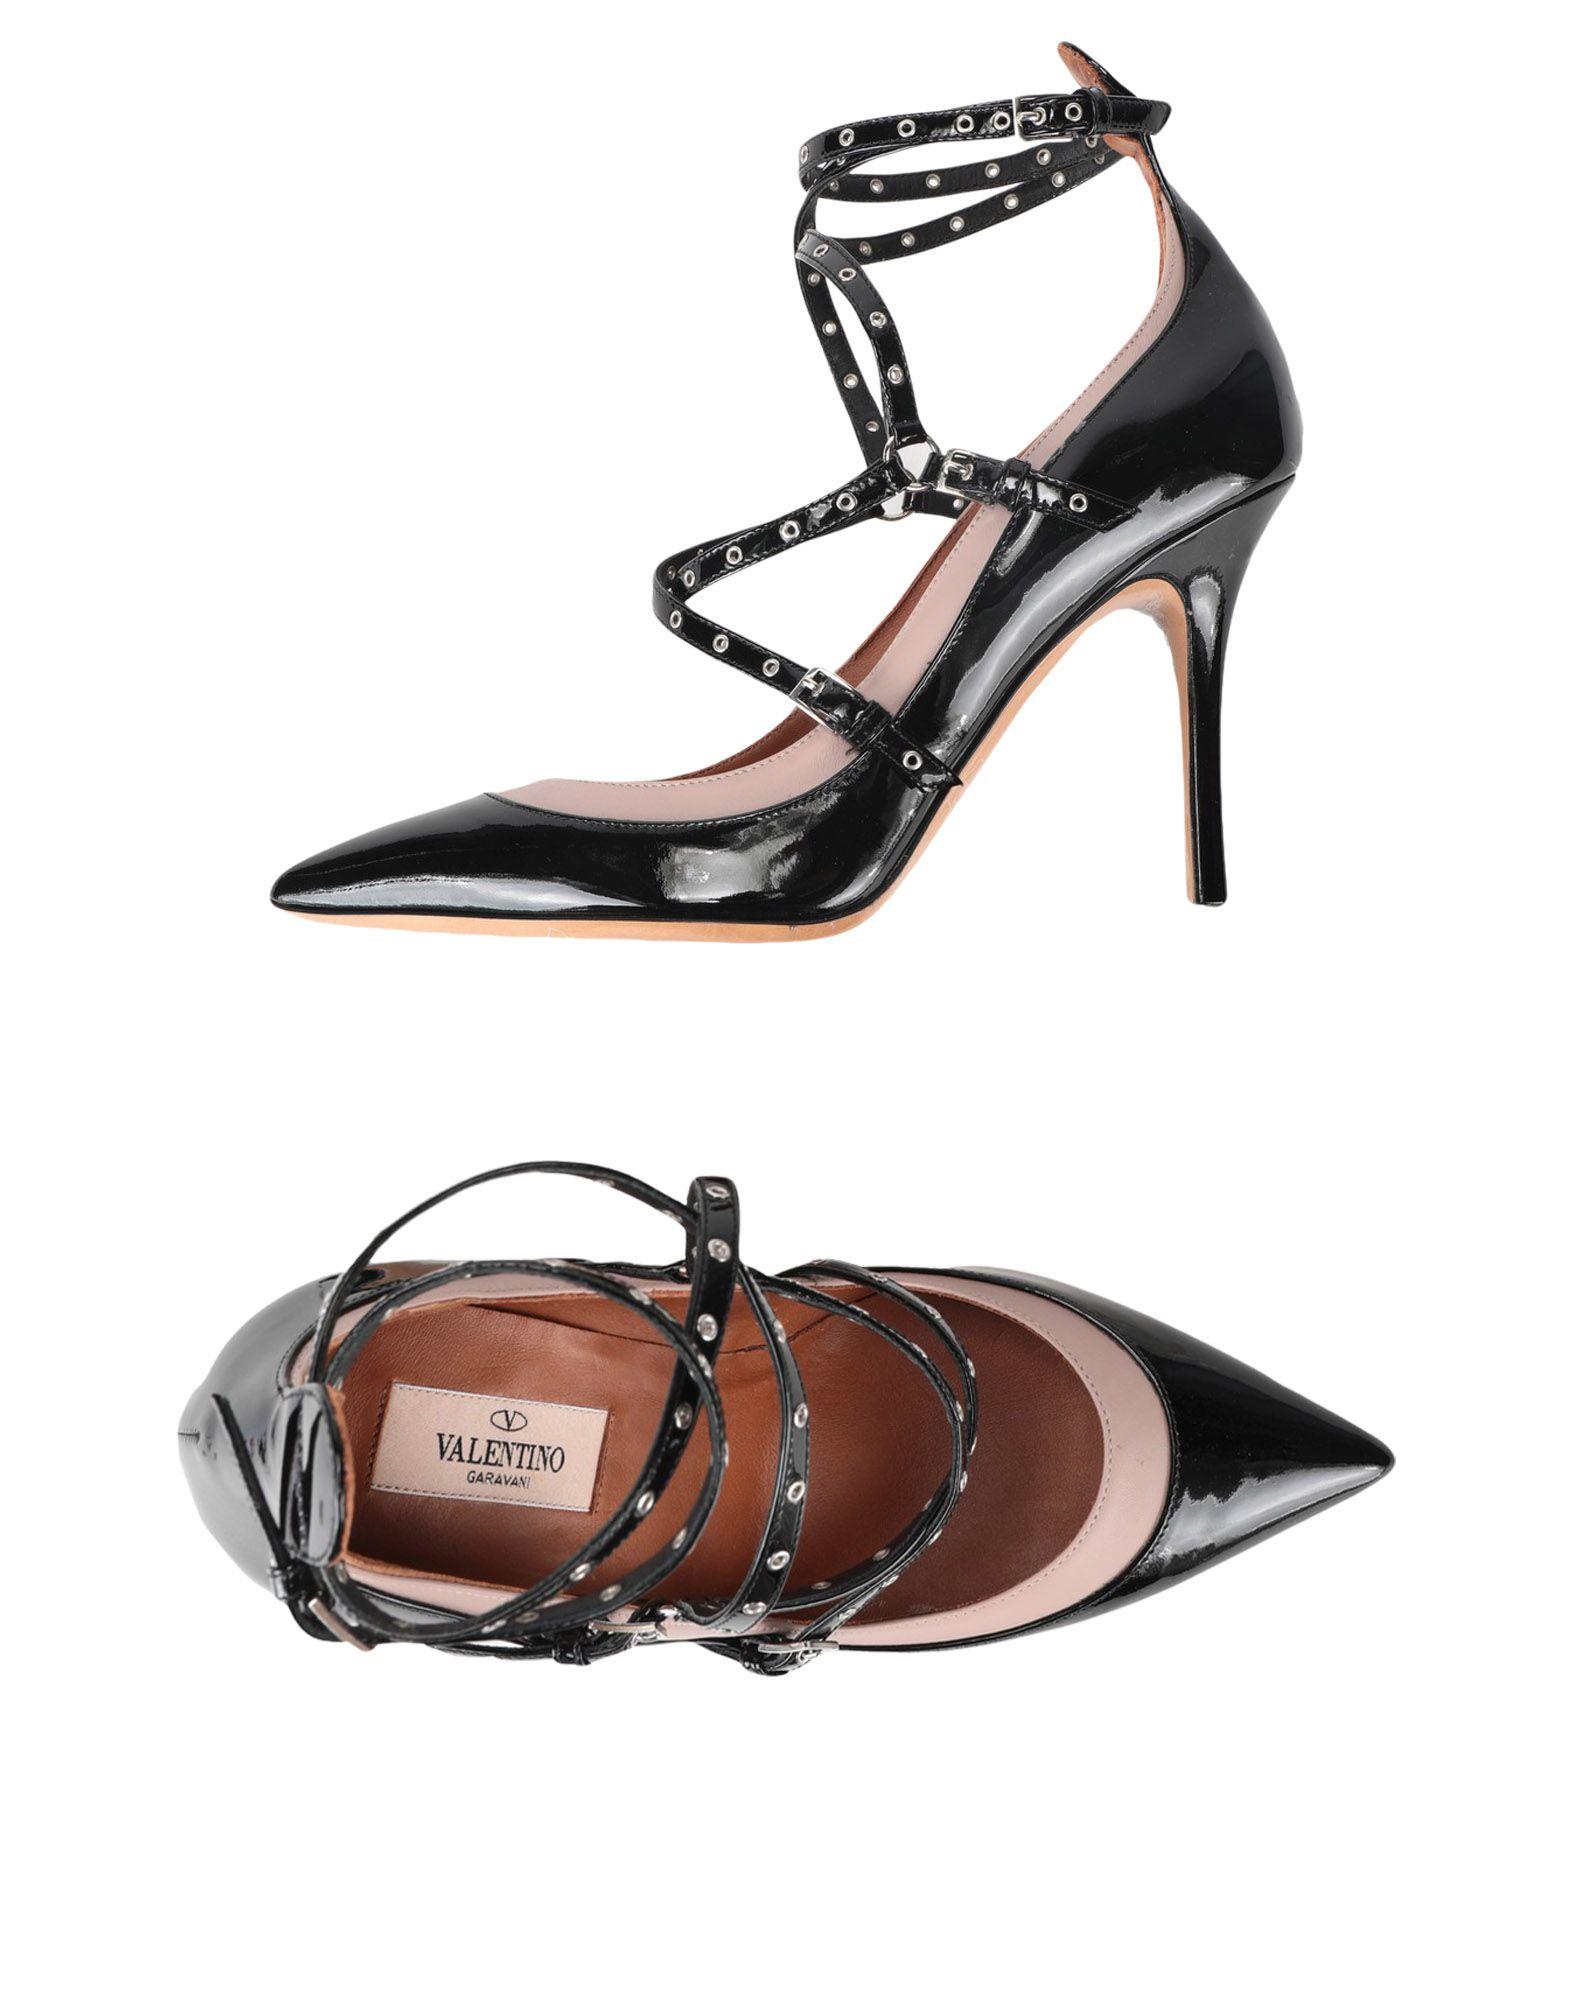 Los hombres zapatos más populares para hombres Los y mujeres Zapato De Salón Valtino Garavani Mujer - Salones Valtino Garavani  Negro 7a0c54